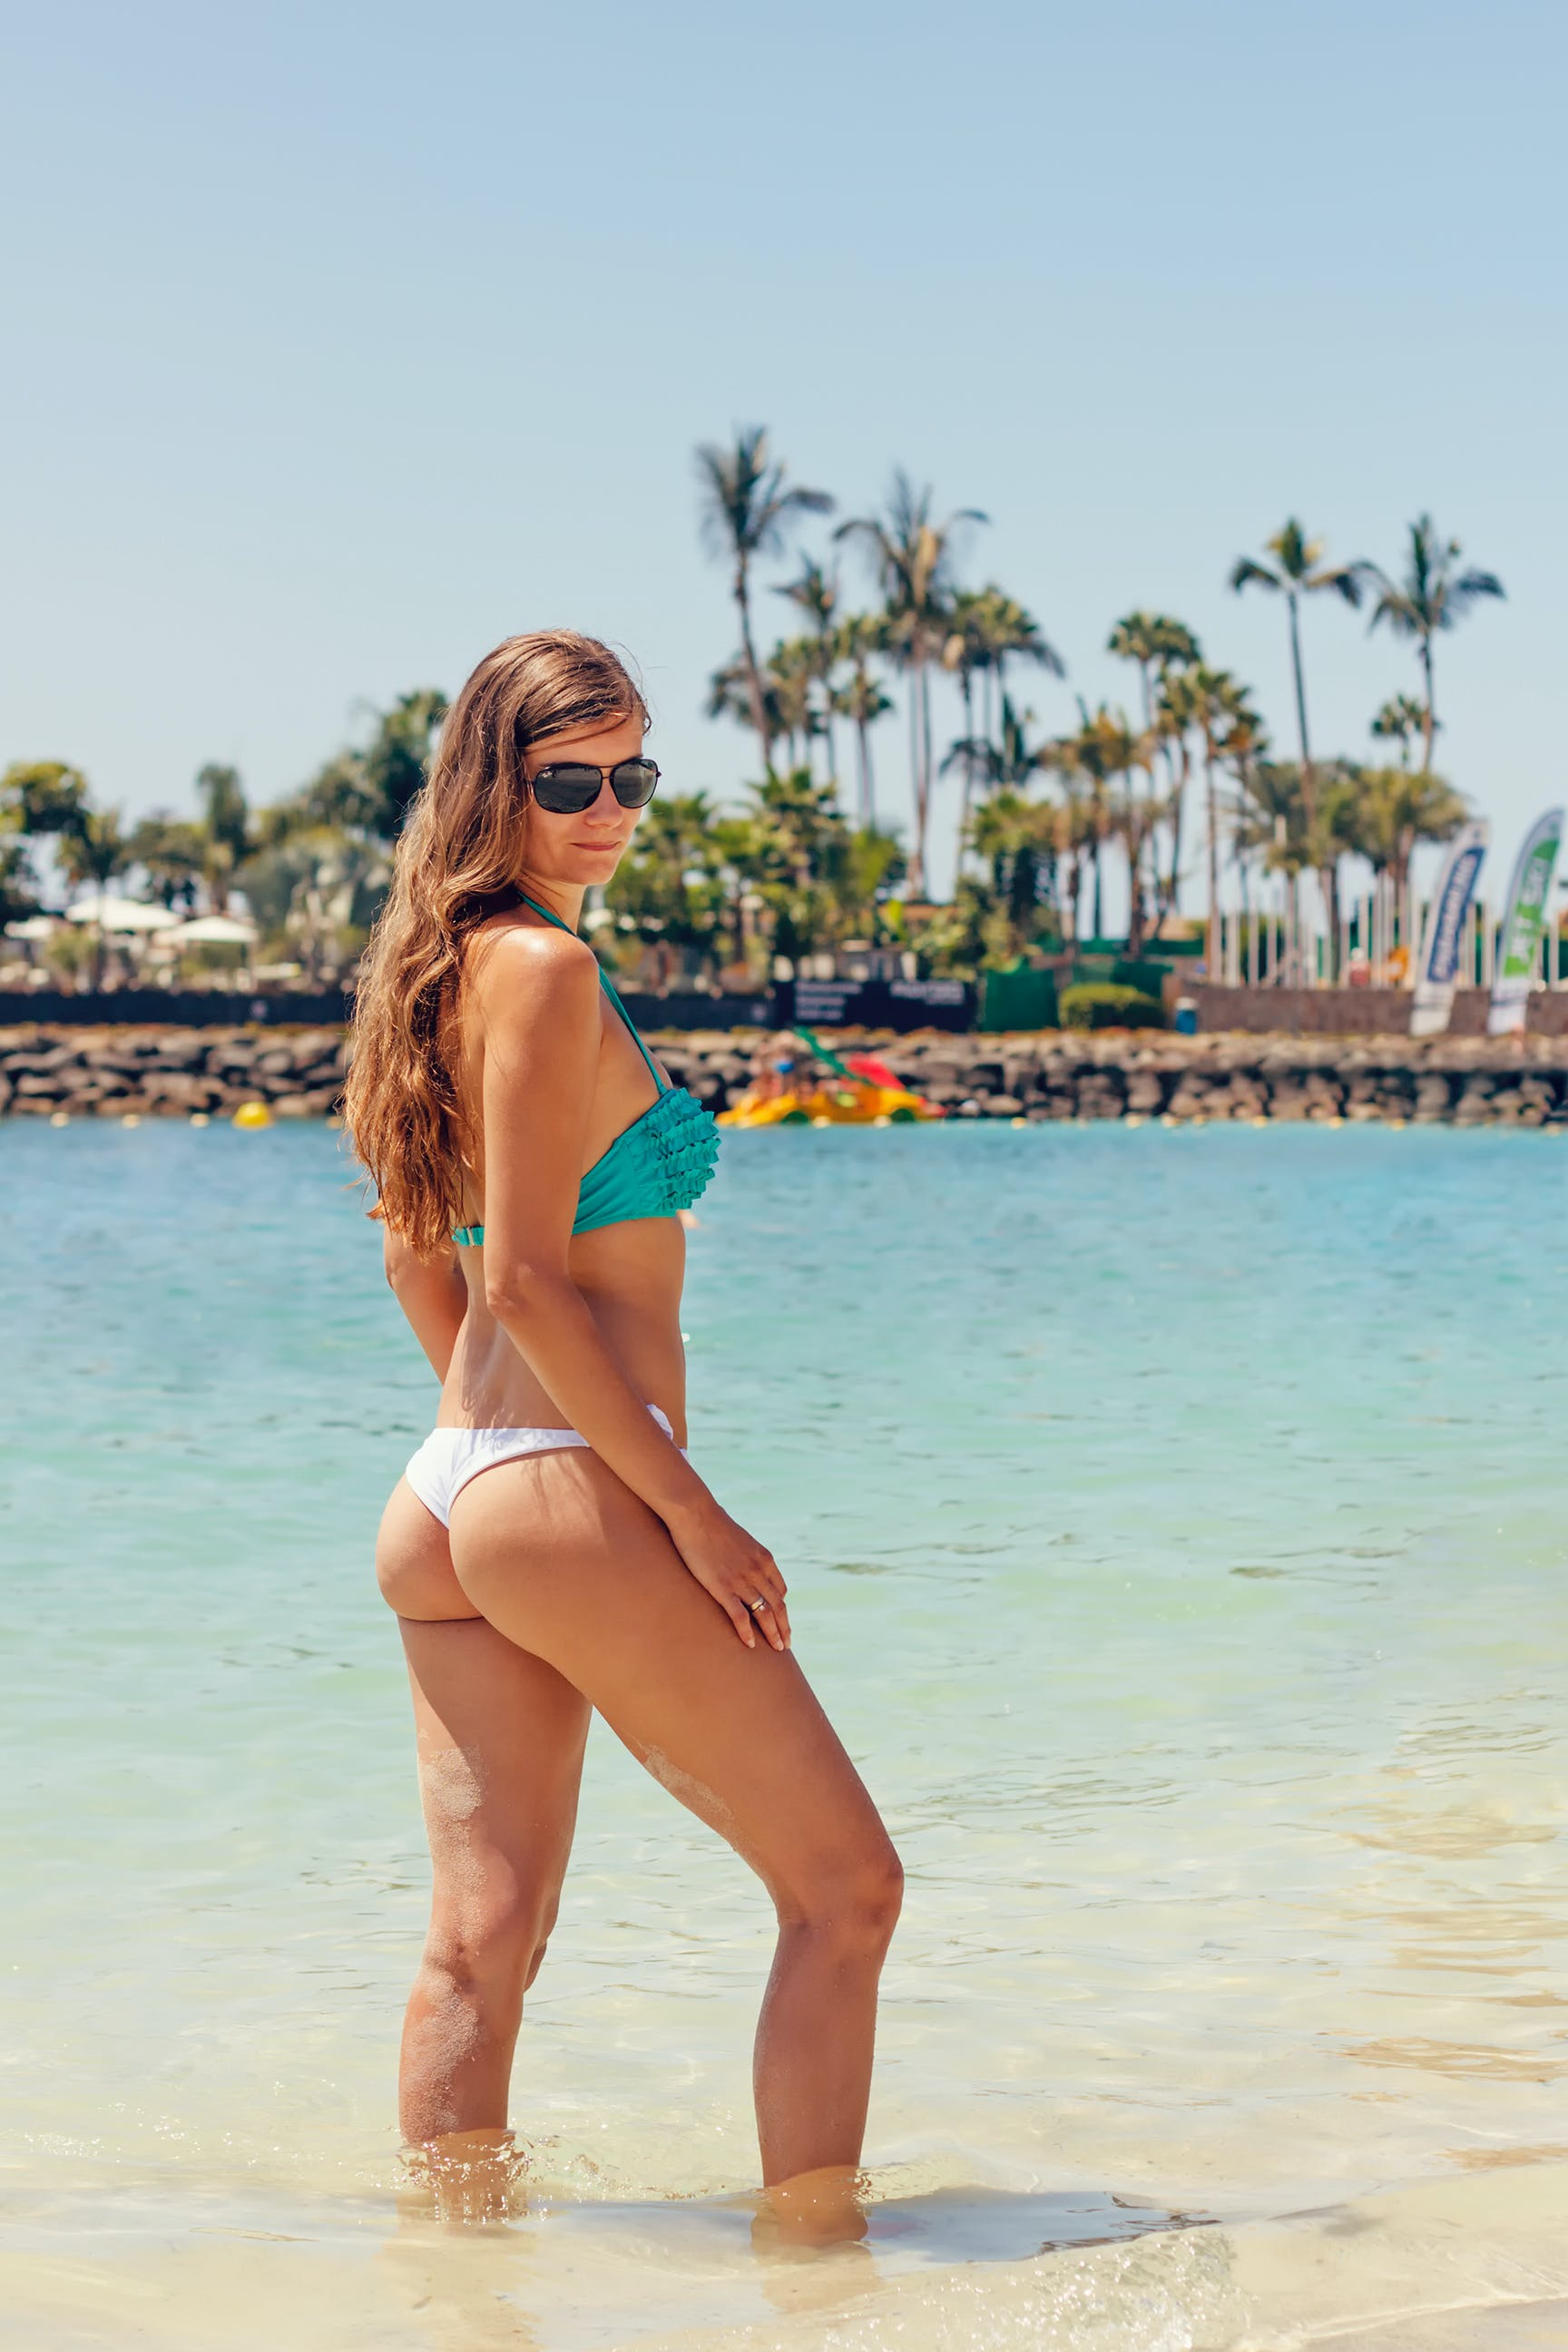 Free stock photo of beach, bikini, woman, ocean